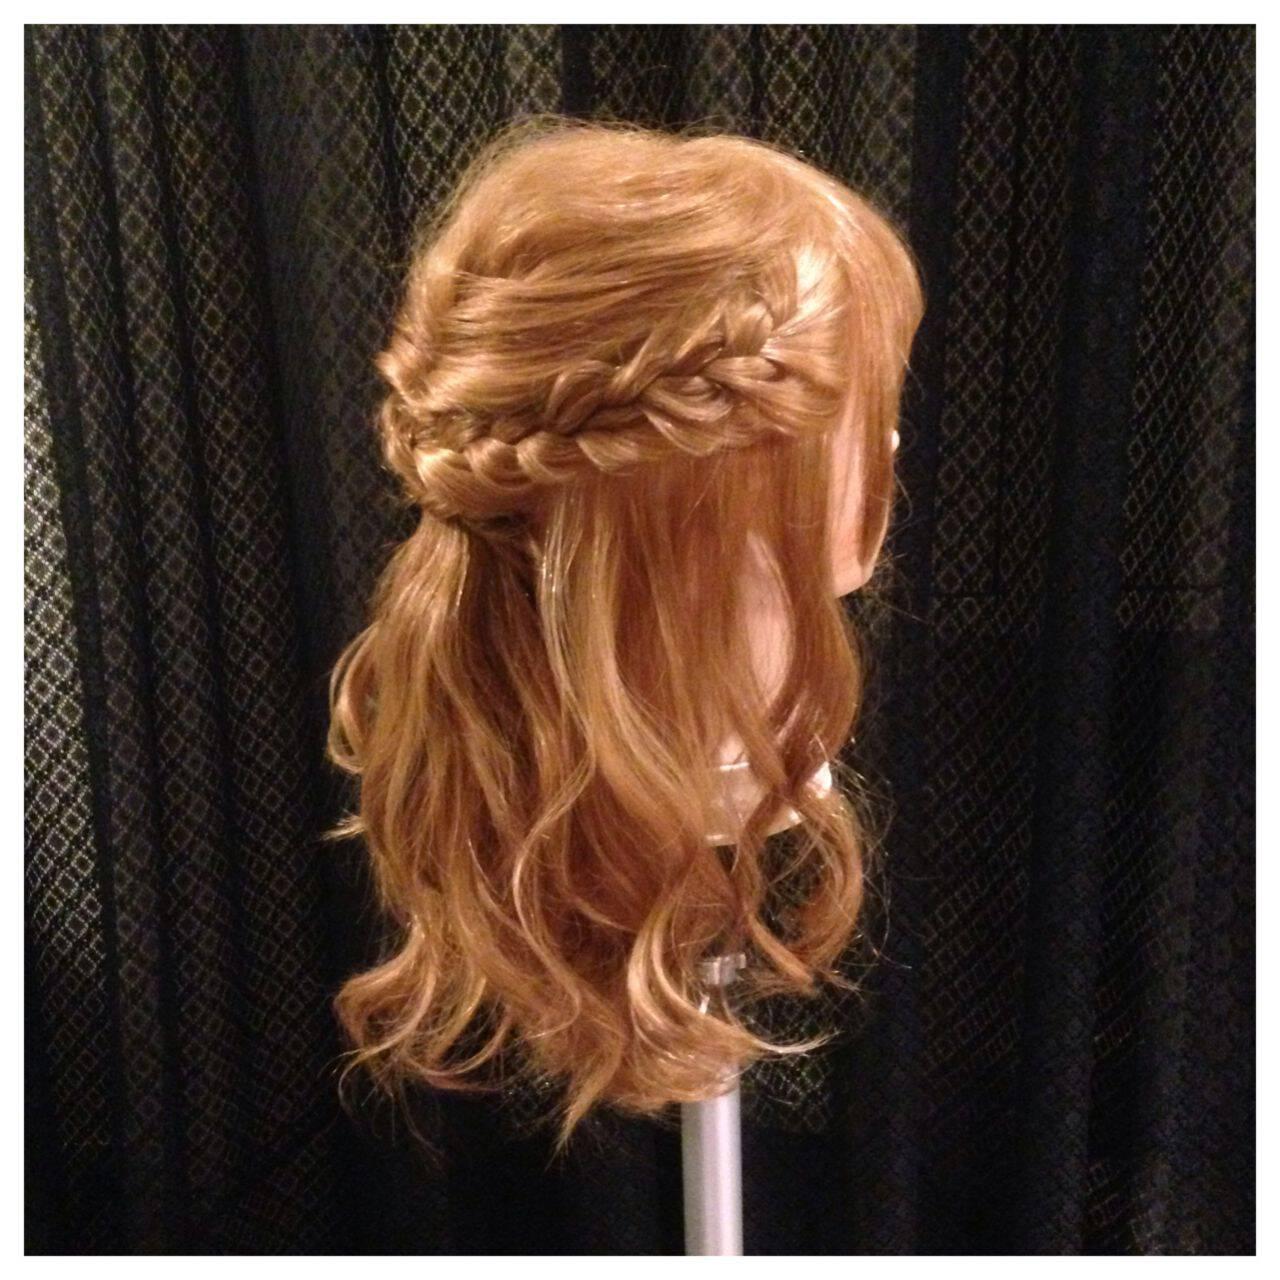 ねじり ロング ガーリー ハーフアップヘアスタイルや髪型の写真・画像